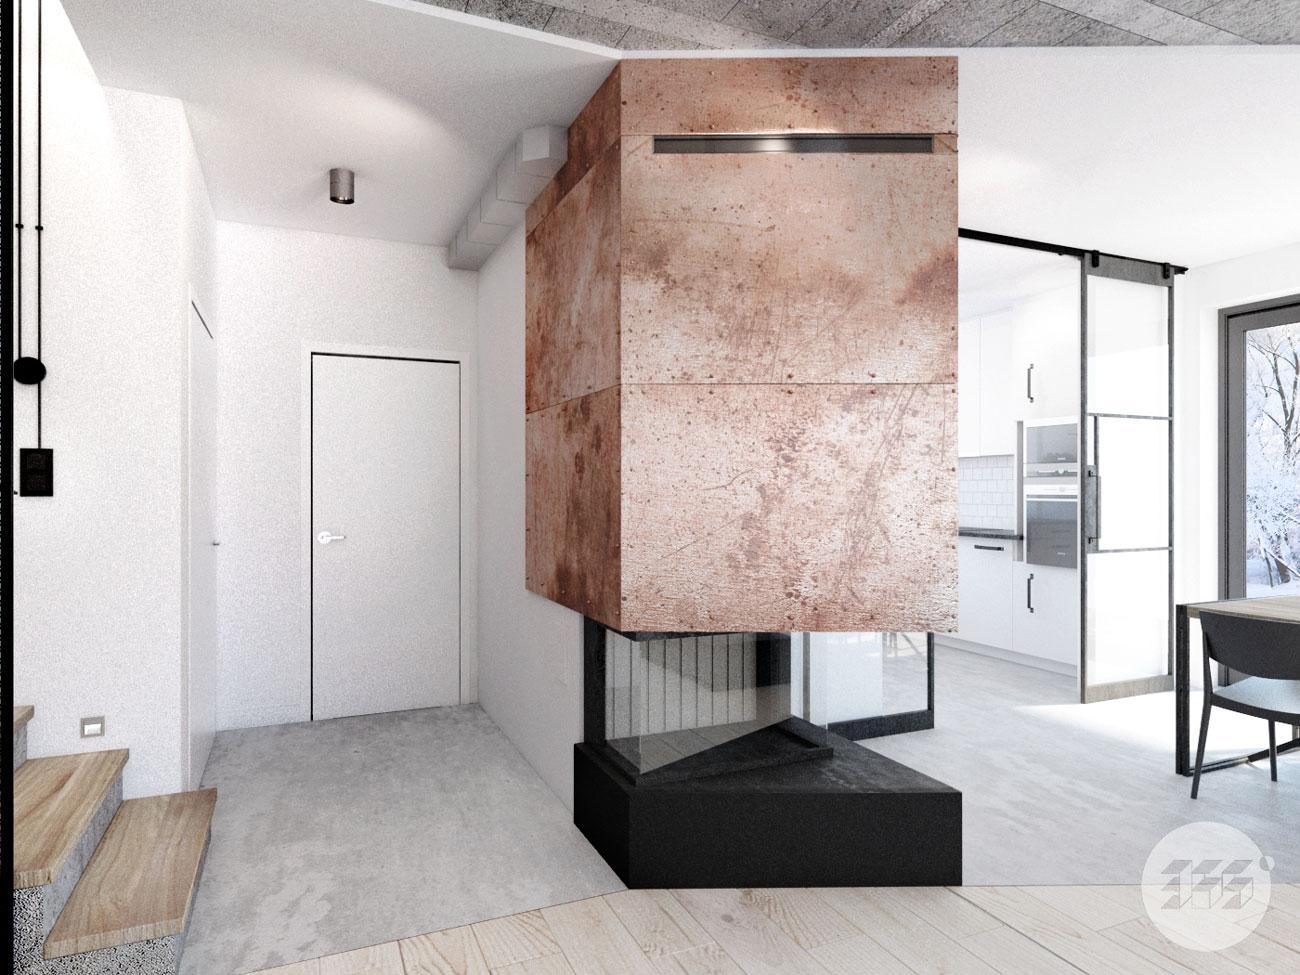 Projekt wnętrza pod Poznaniem - minimalizm - loft - industrial (5)